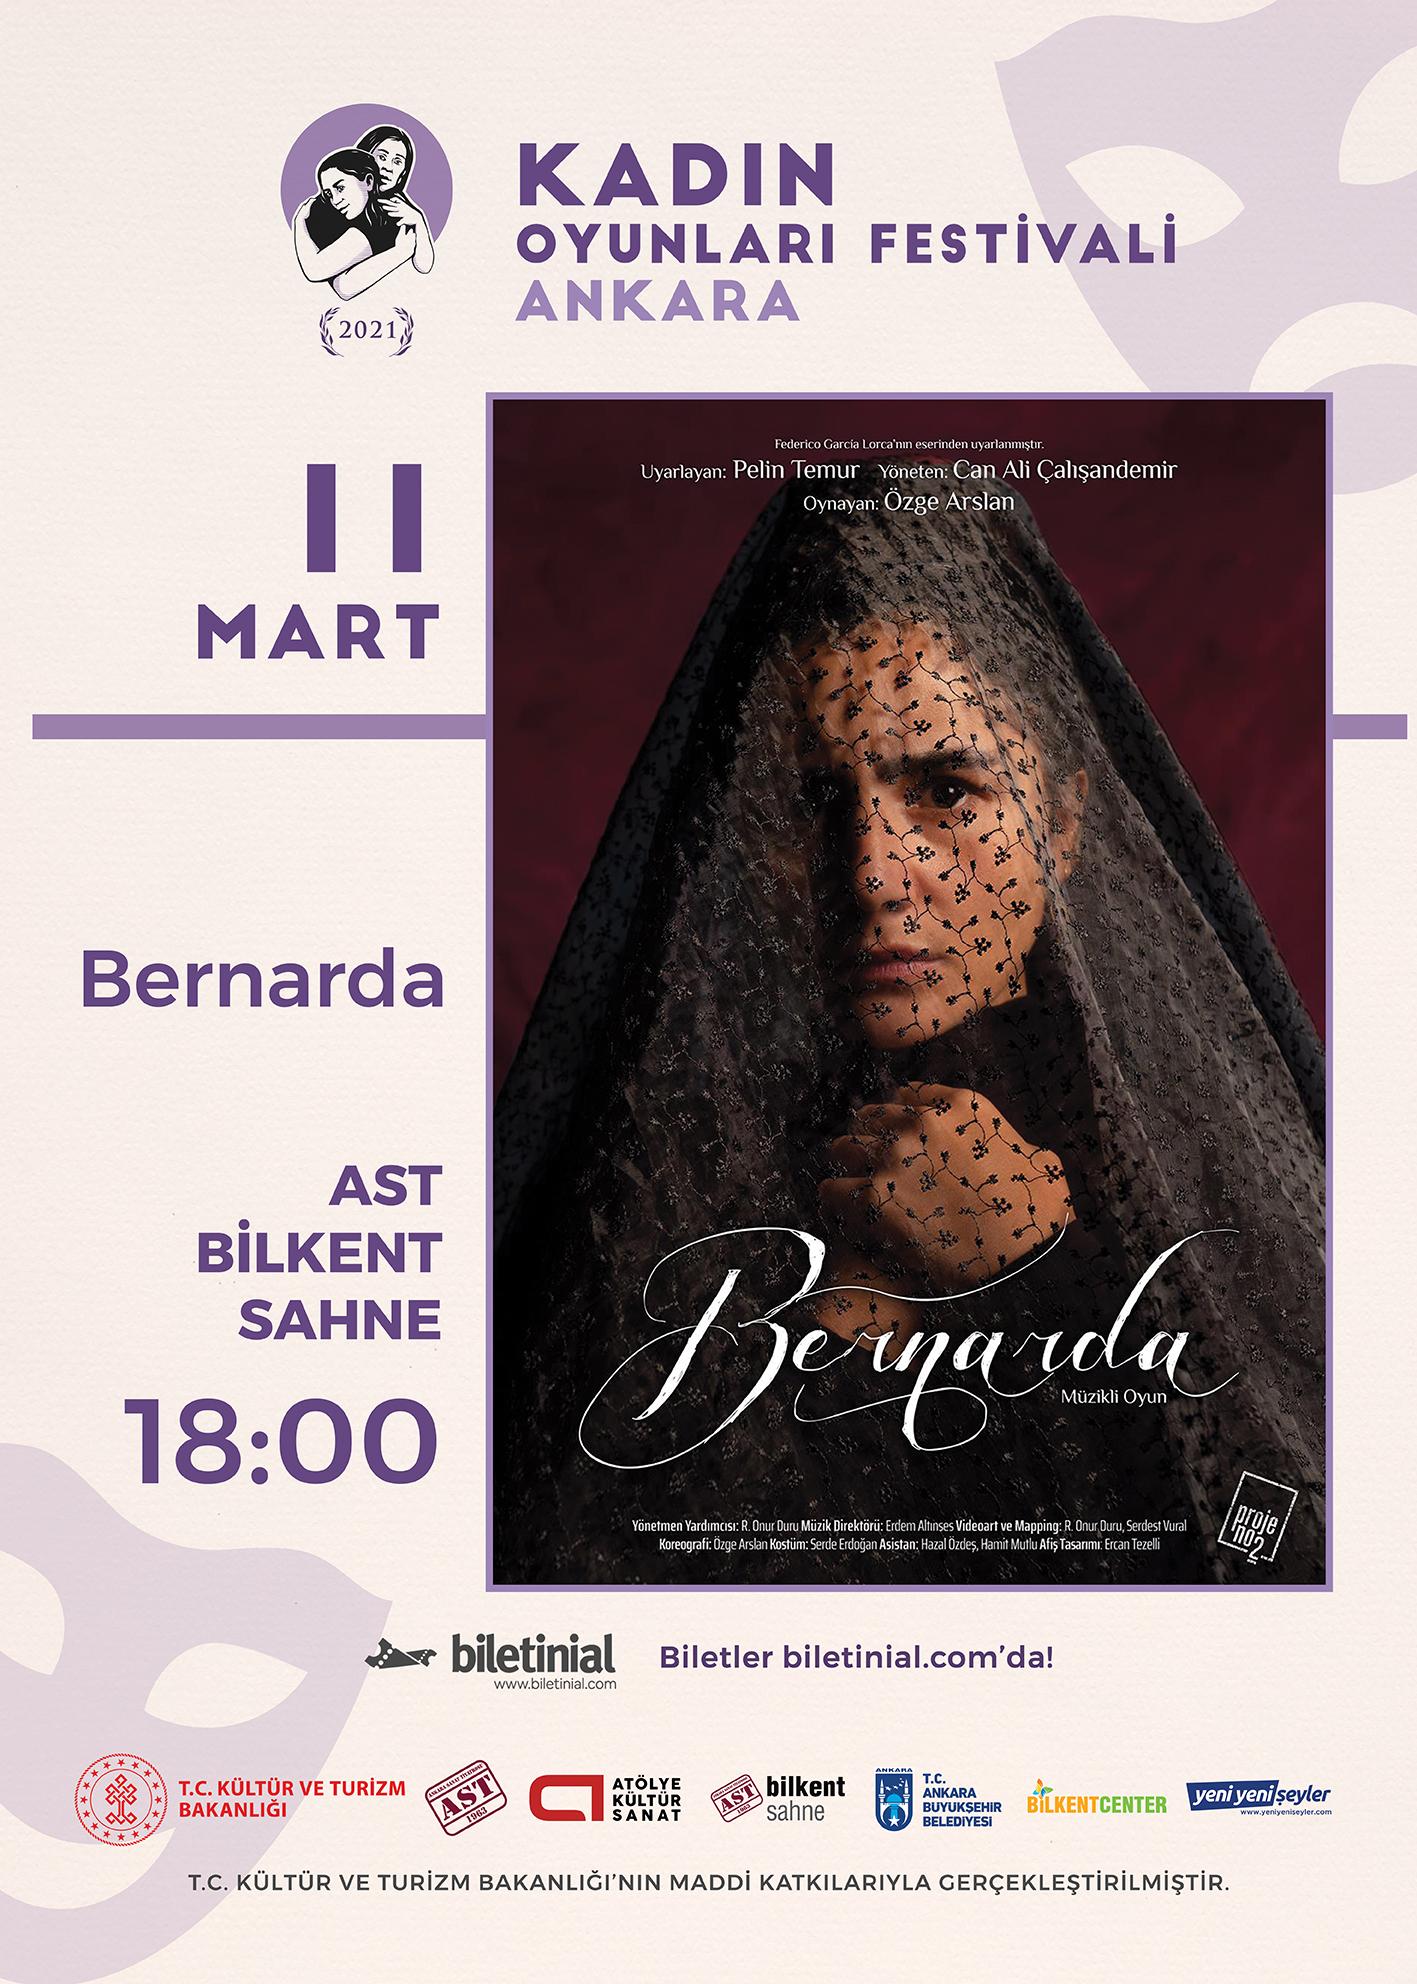 KTB - KOF 2021 Ankara - 11 Mart - Bernarda